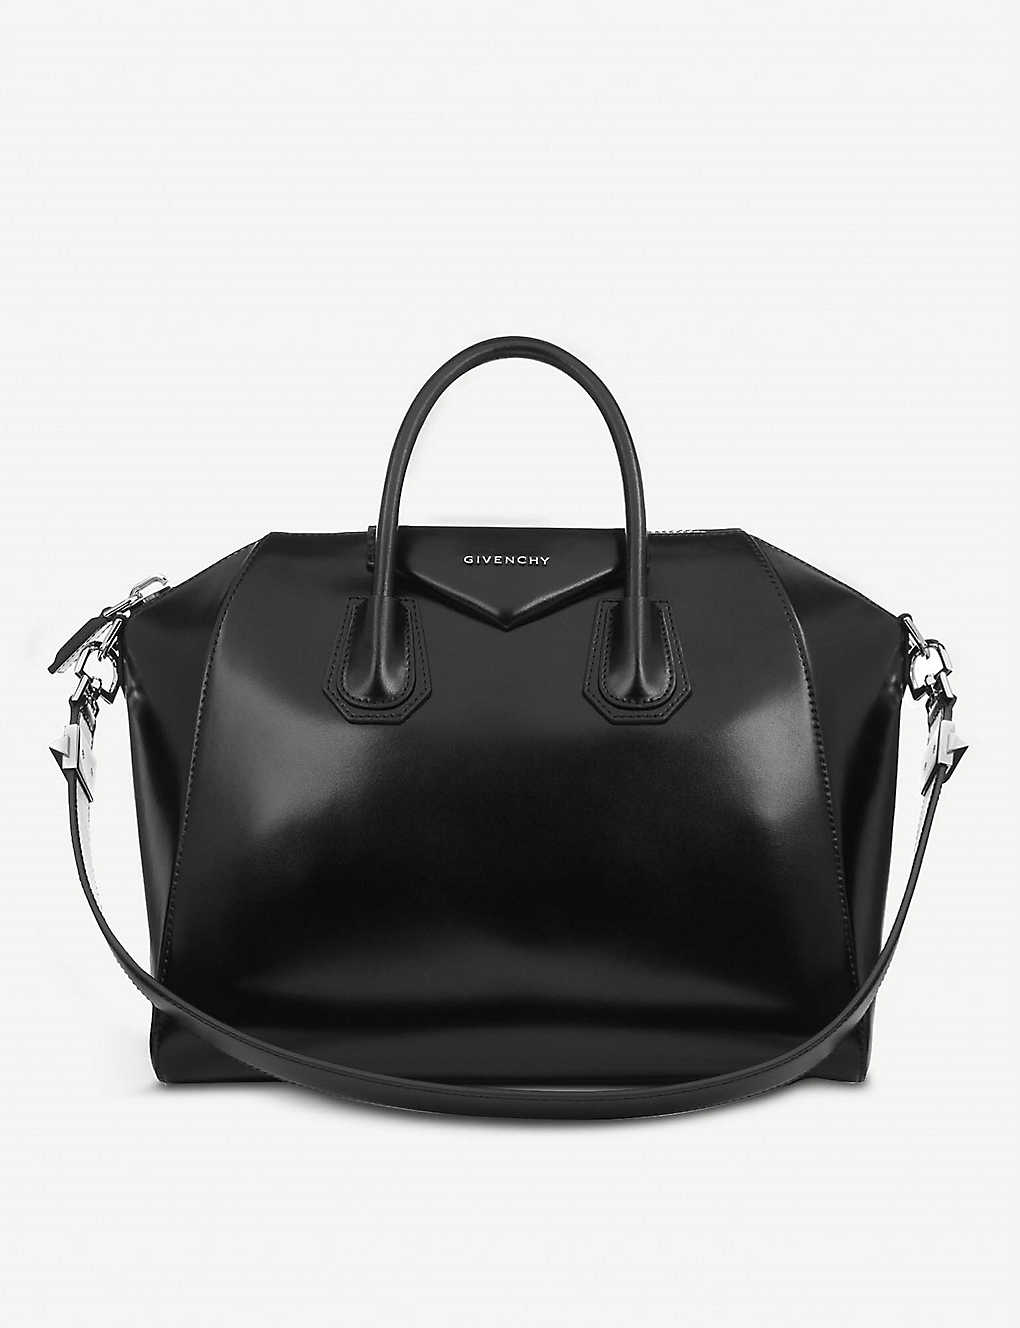 7bf31fb1cef GIVENCHY - Antigona medium leather tote | Selfridges.com